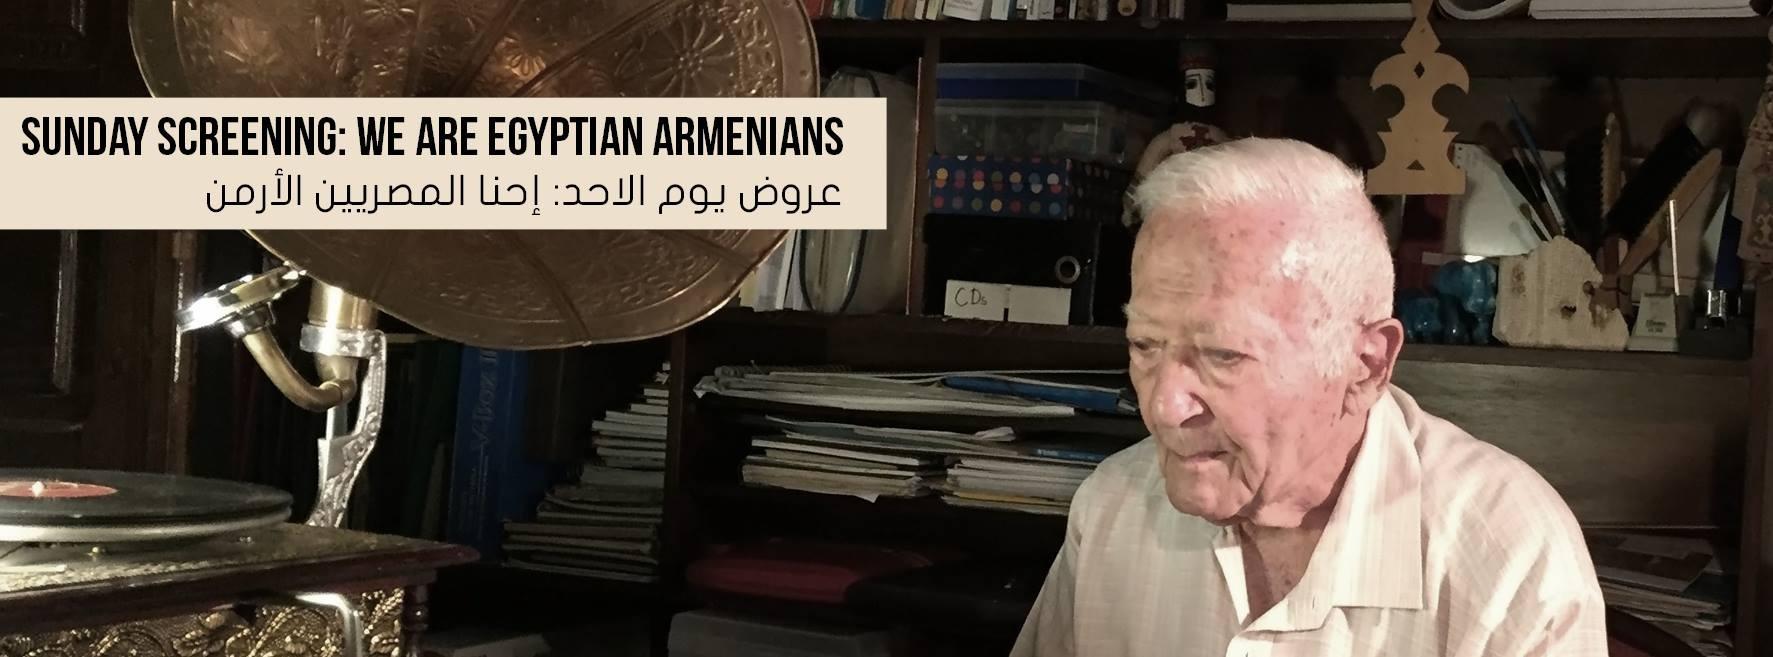 خروجتك عندنا.. ارقص مع «أولاد حسيني» وشوف حياة المصريين الأرمن